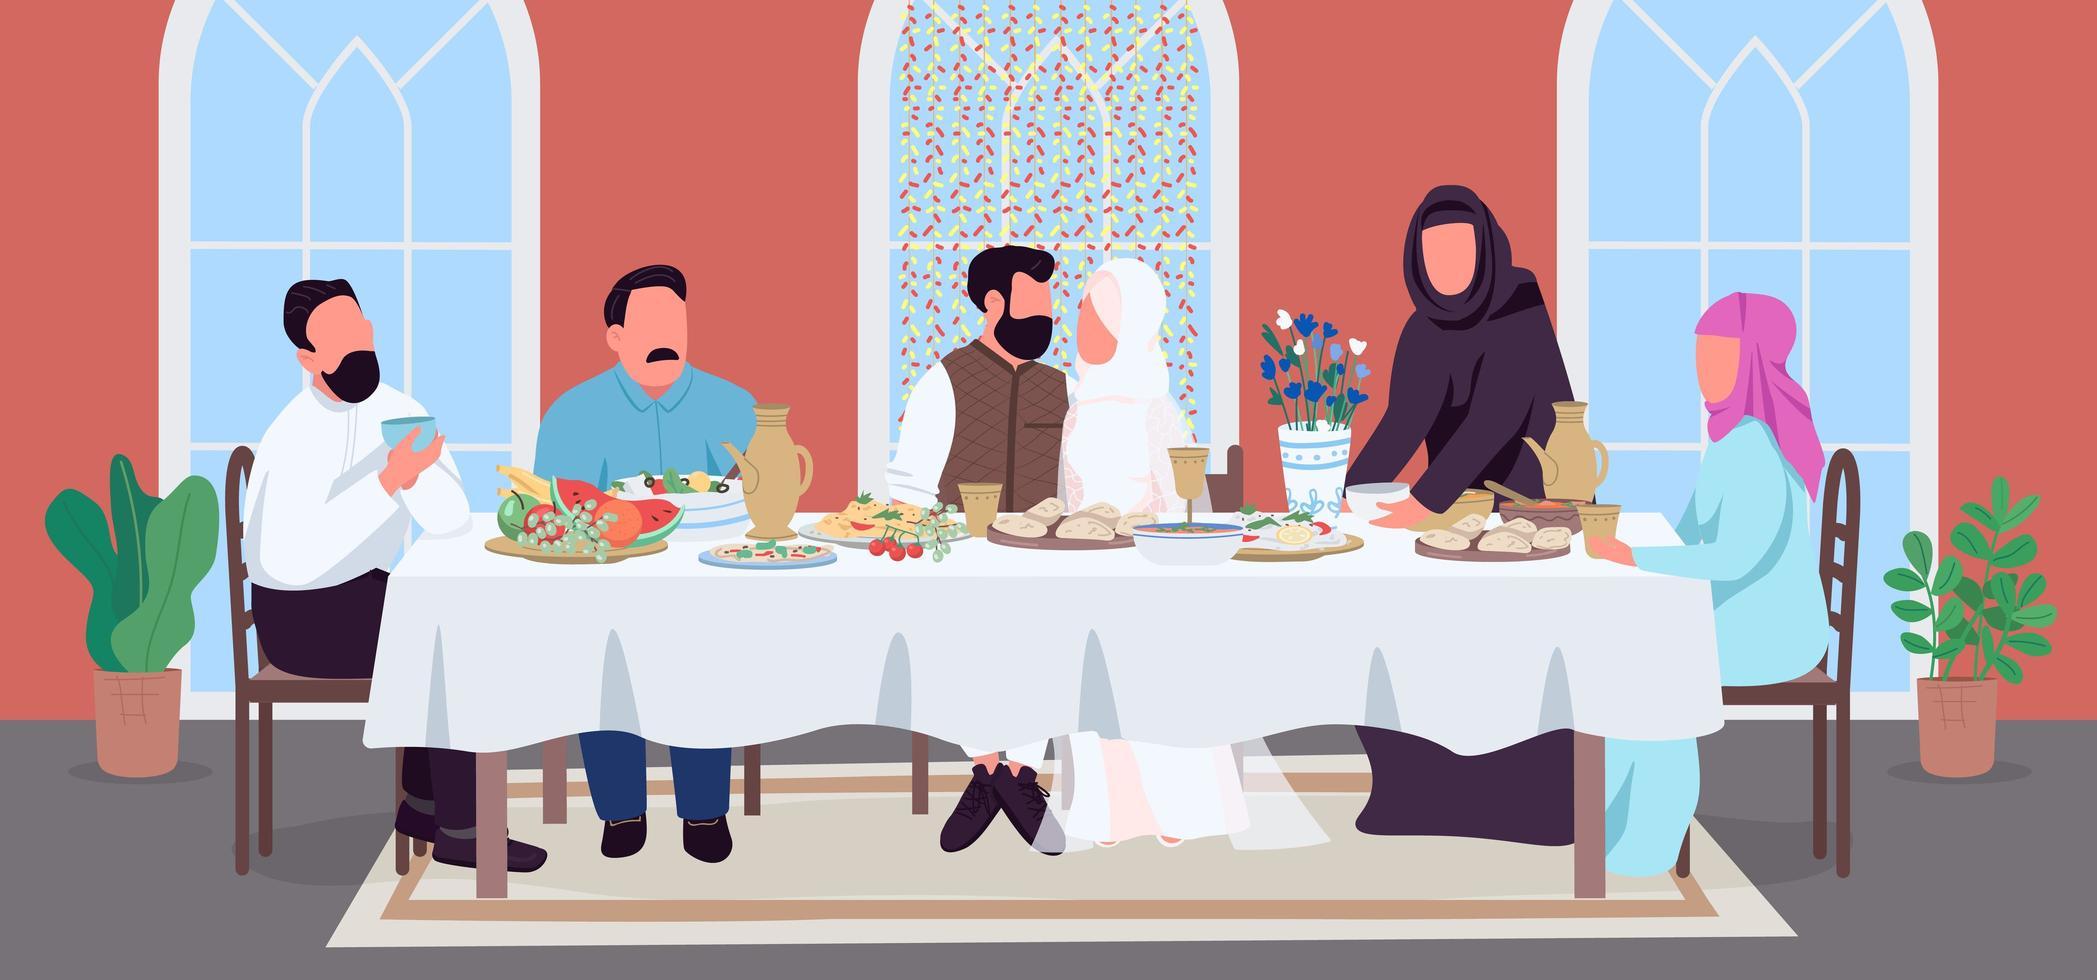 cena de boda musulmana vector